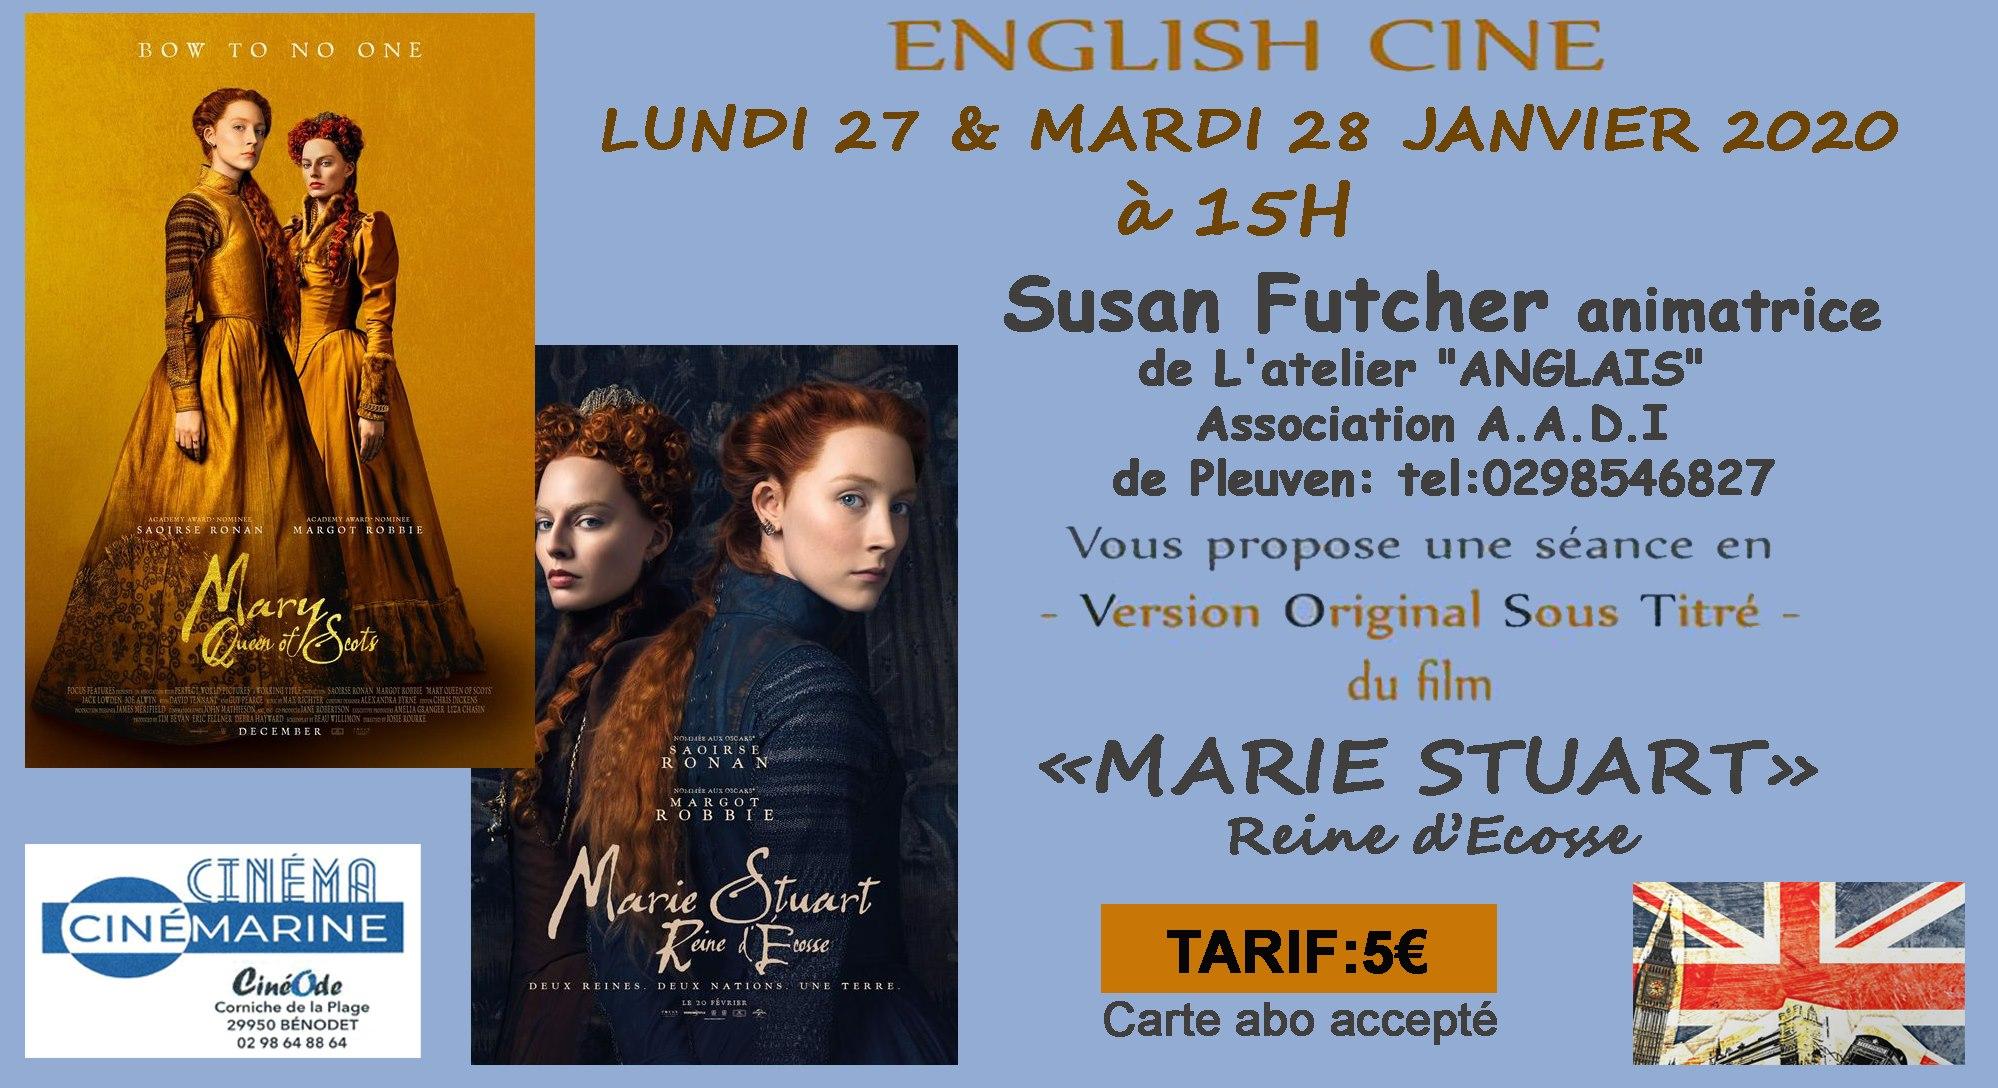 English Cine au cinémarine de Bénodet – Projection de Marie Stuart, reine d'Ecosse en VOST